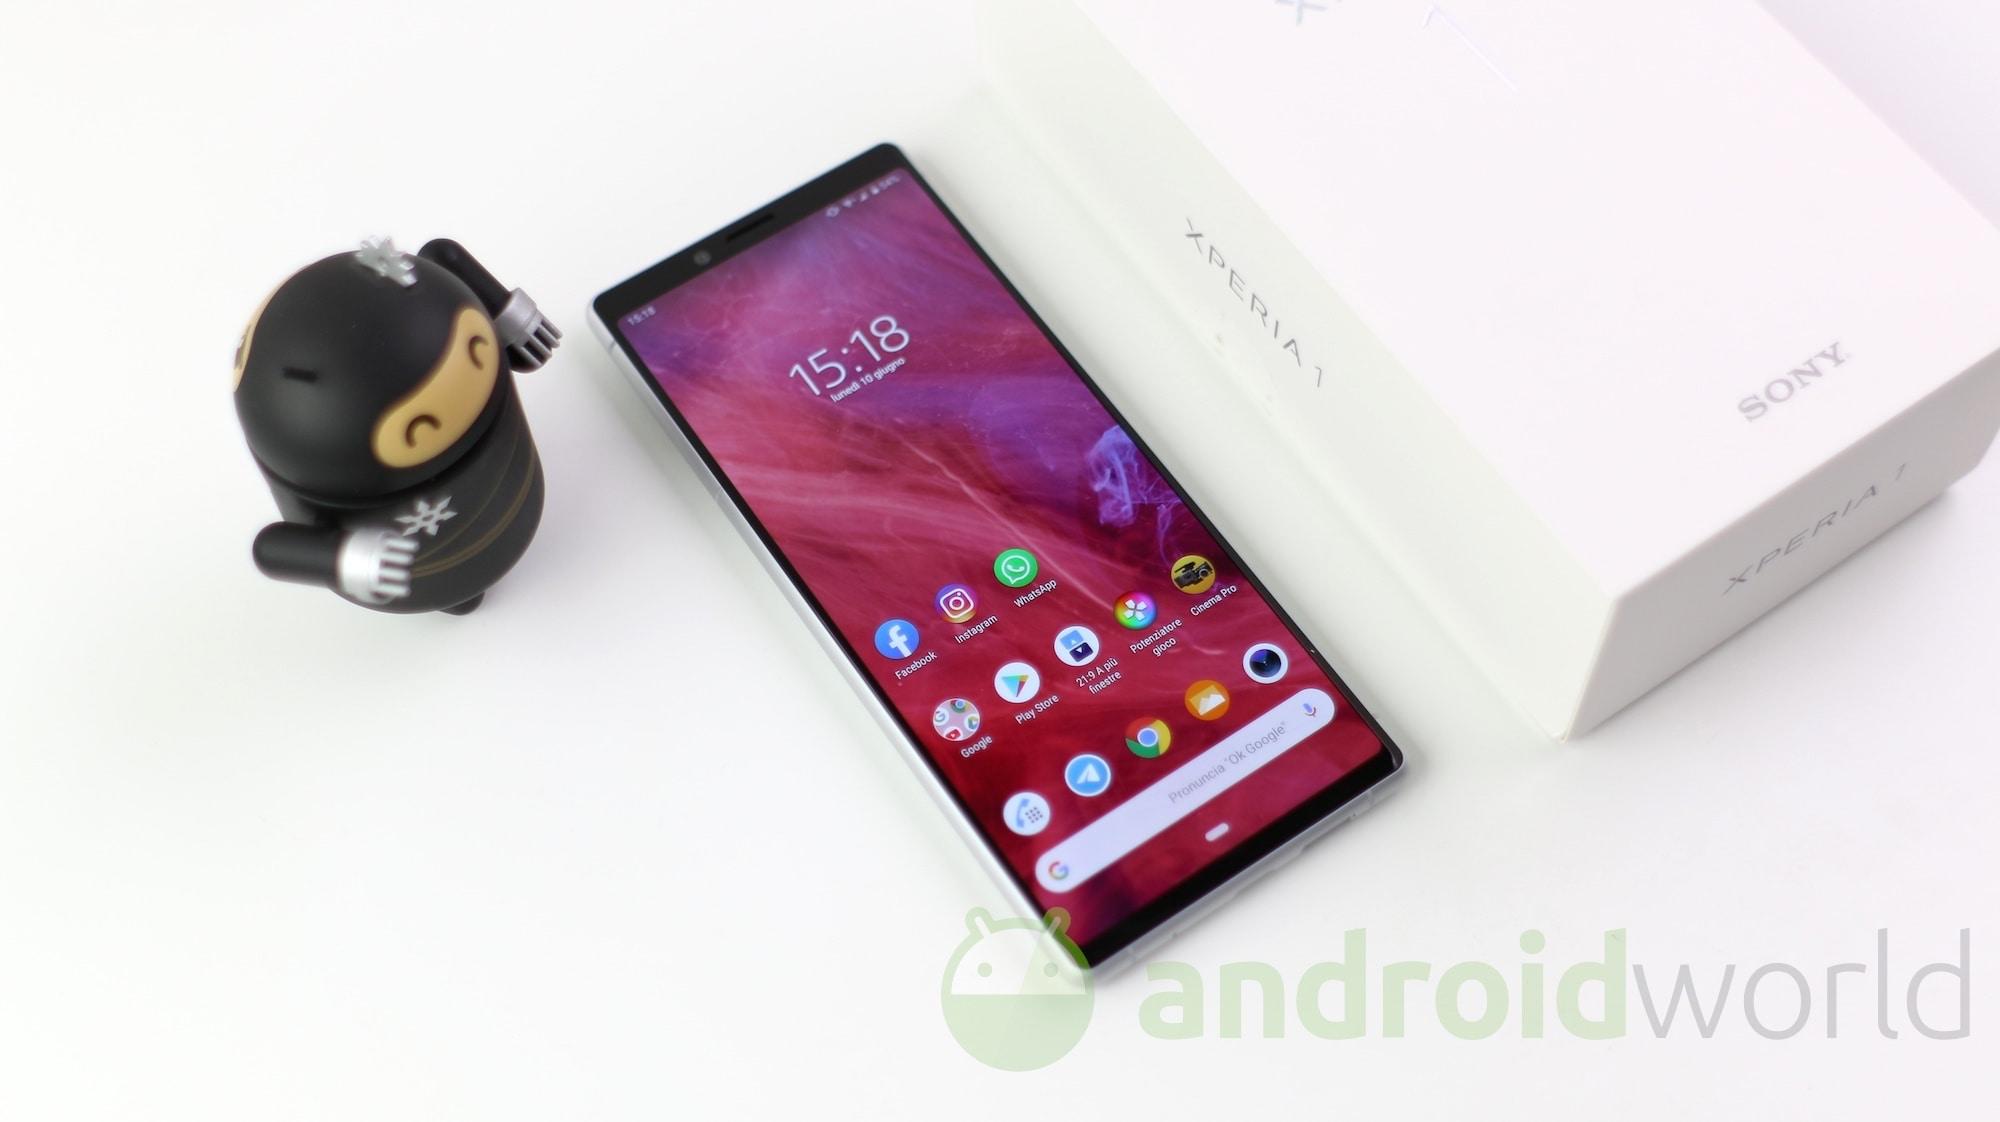 Sony Xperia 1 si aggiorna: miglioramenti al comparto fotografico e patch di sicurezza di settembre 2019 (foto)